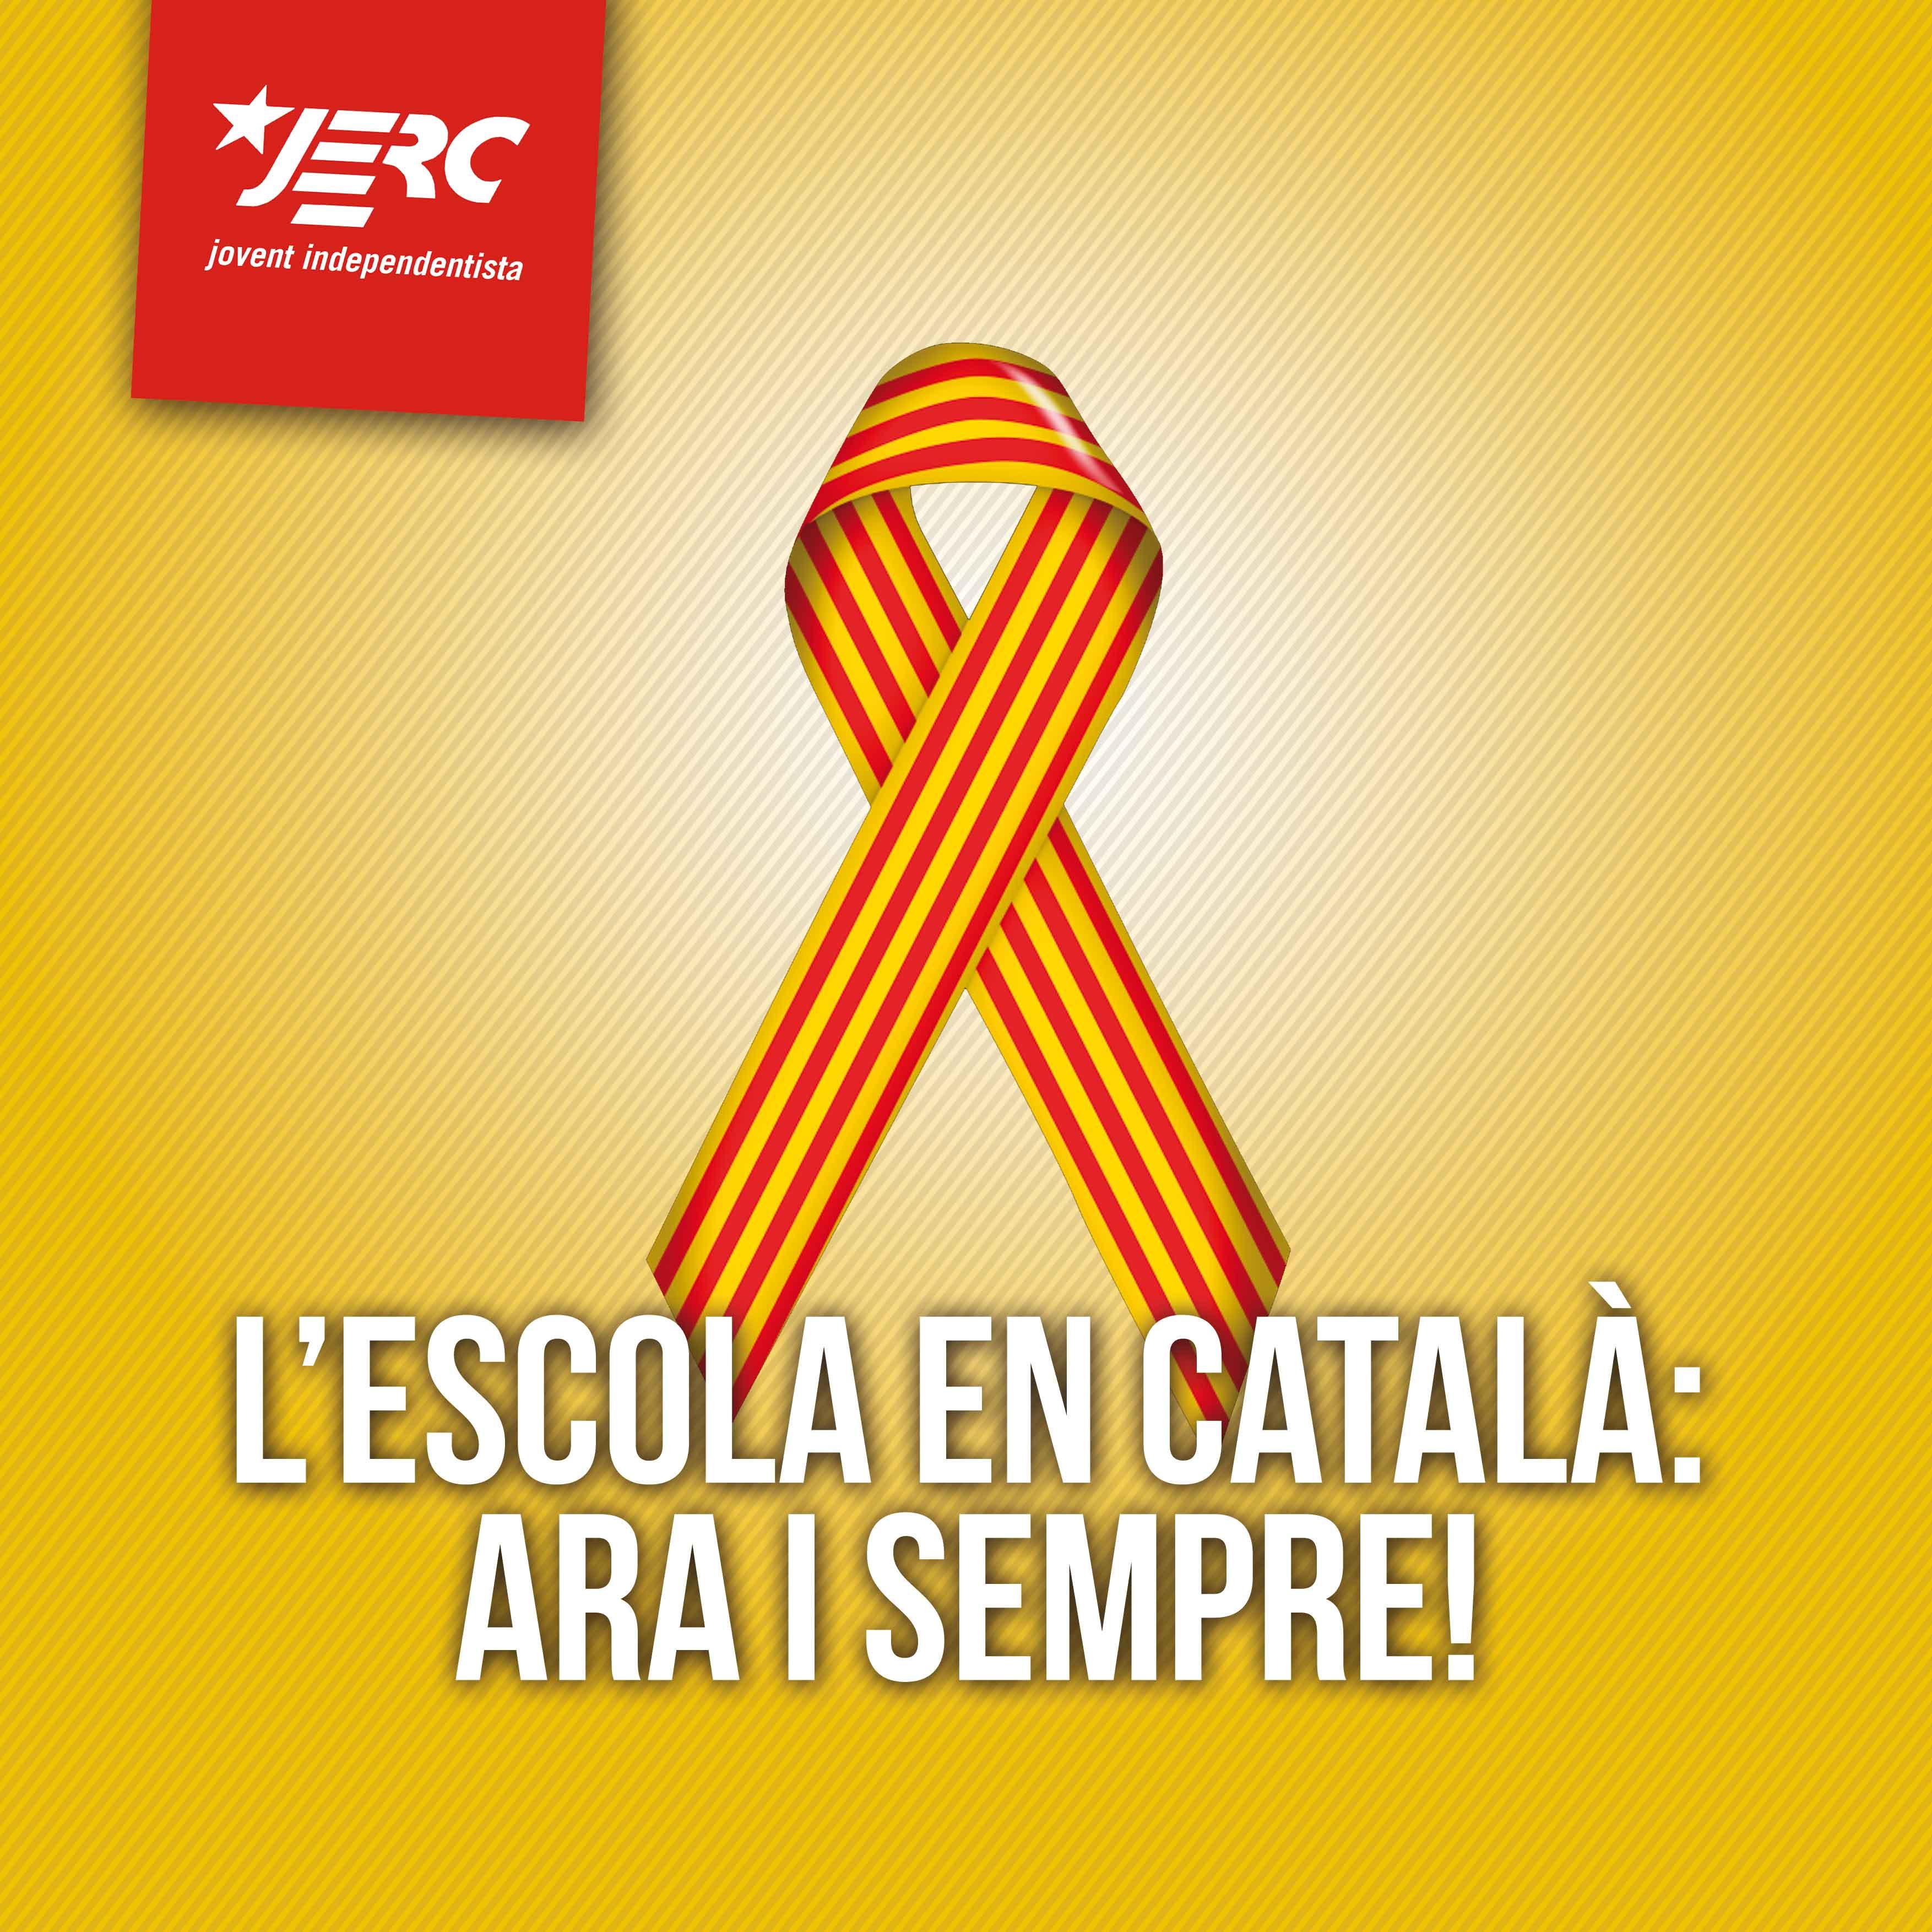 L'escola en català ara i sempre!